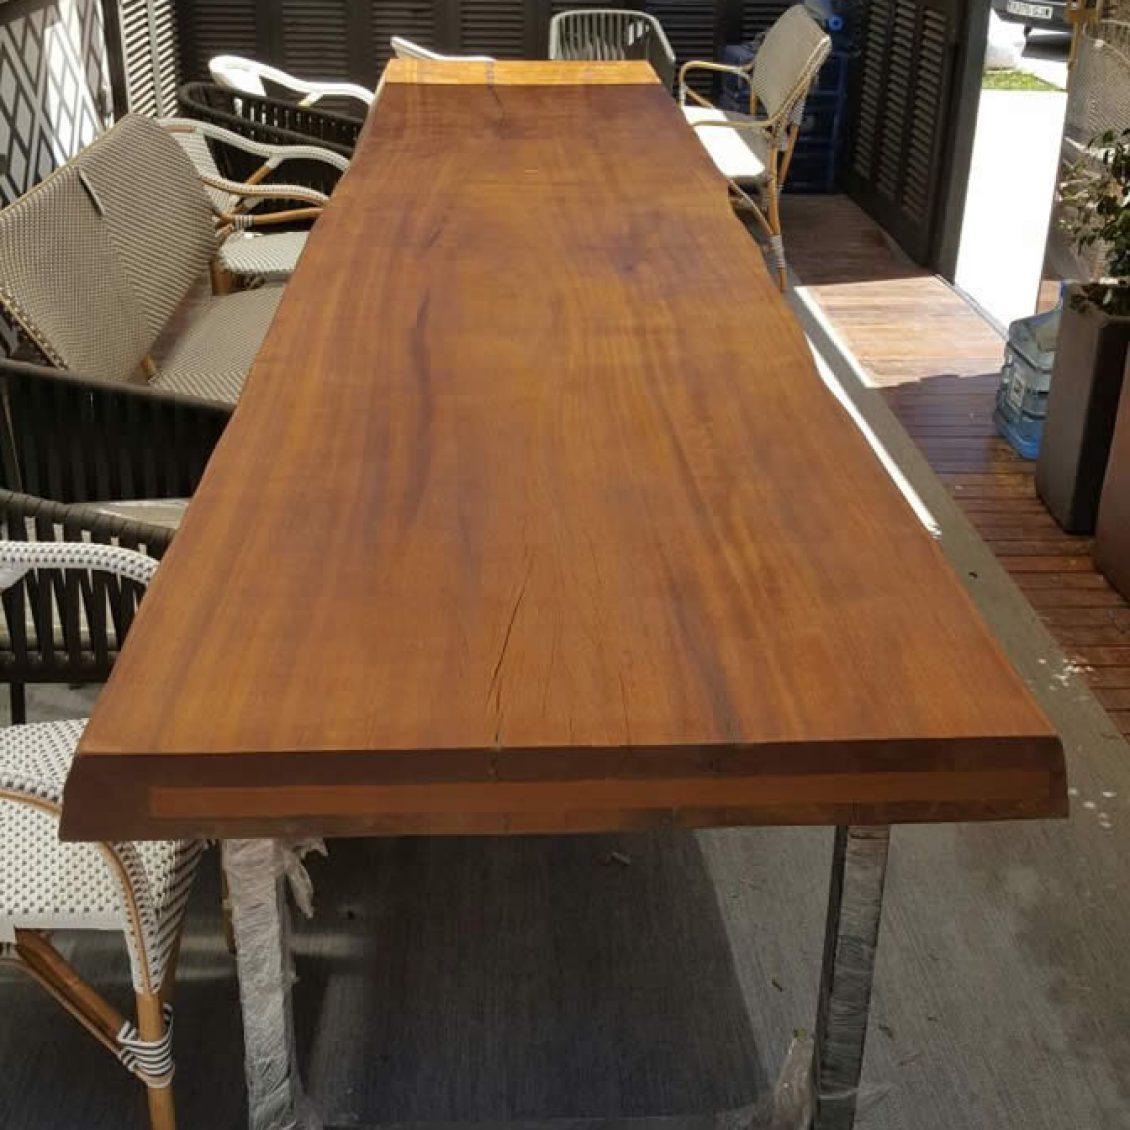 patas-regulables-para-mesa-decoracion-madera-de-iroko